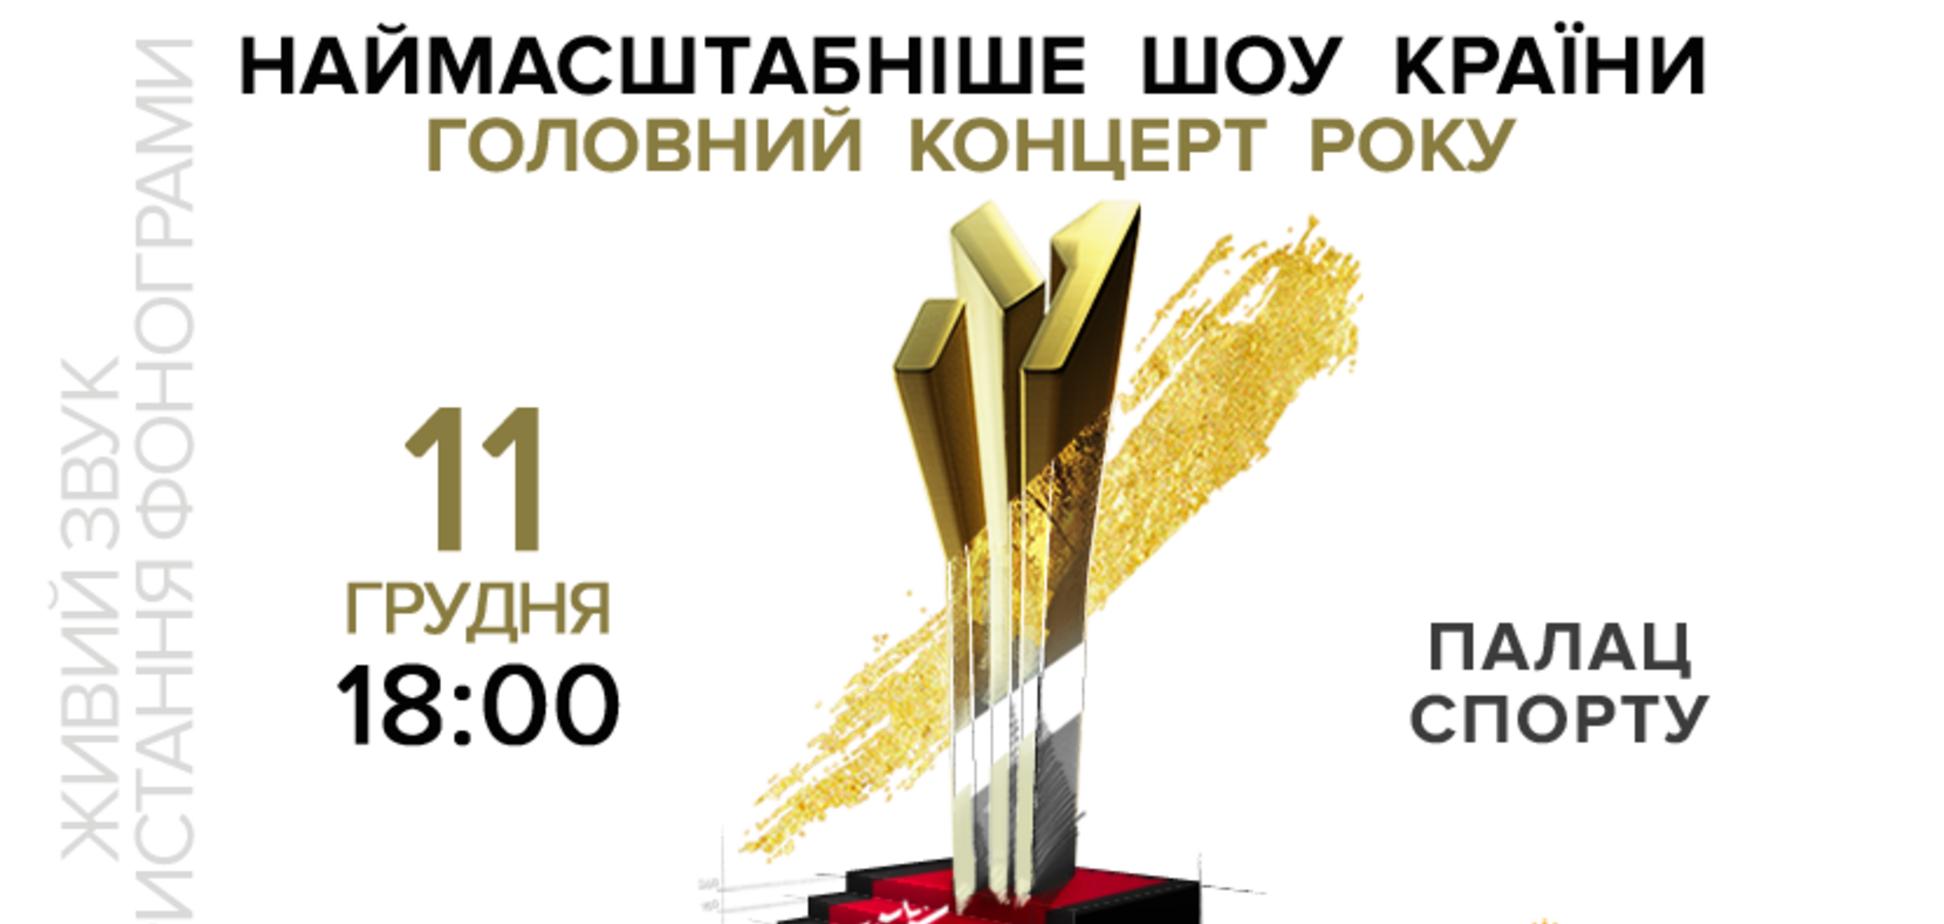 М1 анонсировал премию 'M1 Music Awards' по итогам двух лет